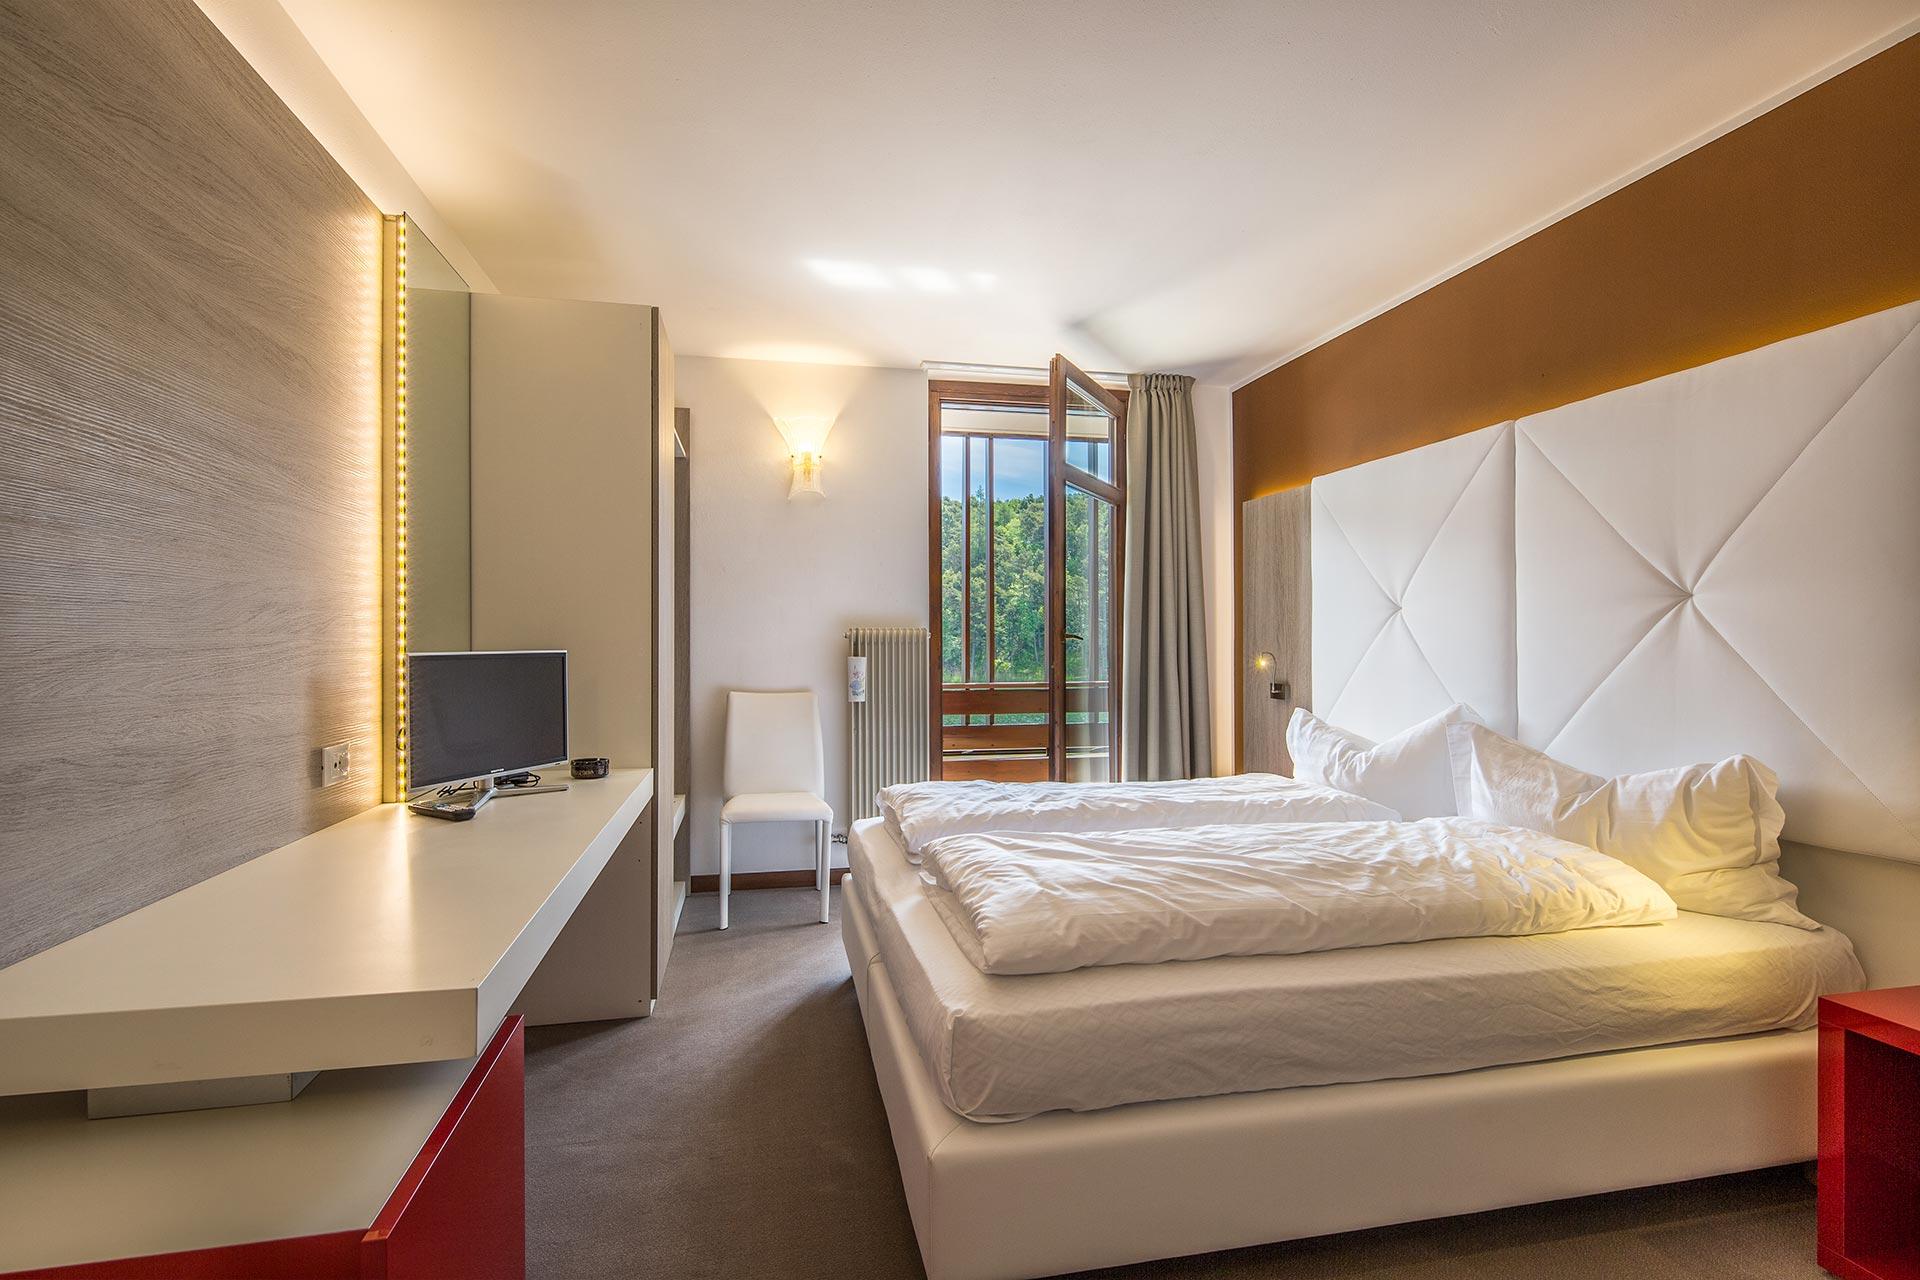 La carpa sanat in 2019 t for Camere albergo dwg